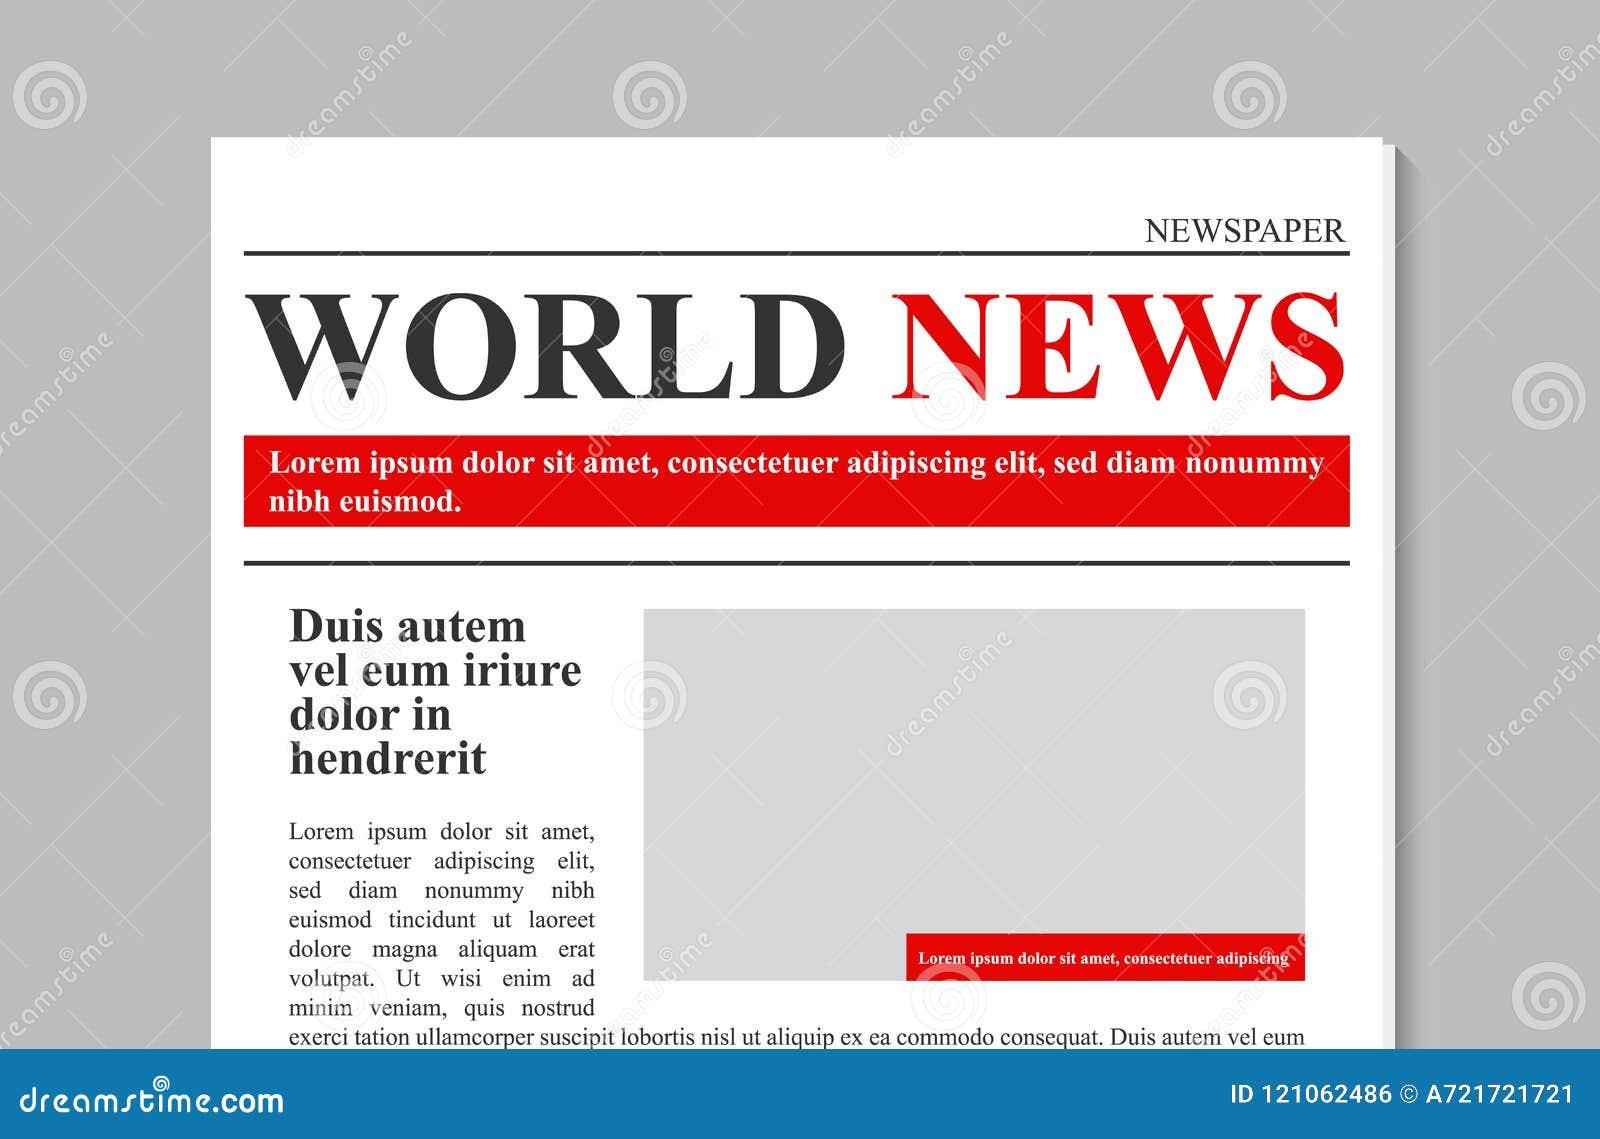 Kreatywnie wektorowa ilustracja dziennika czasopismo, biznesowa promocyjna wiadomość odizolowywająca na przejrzystym tle